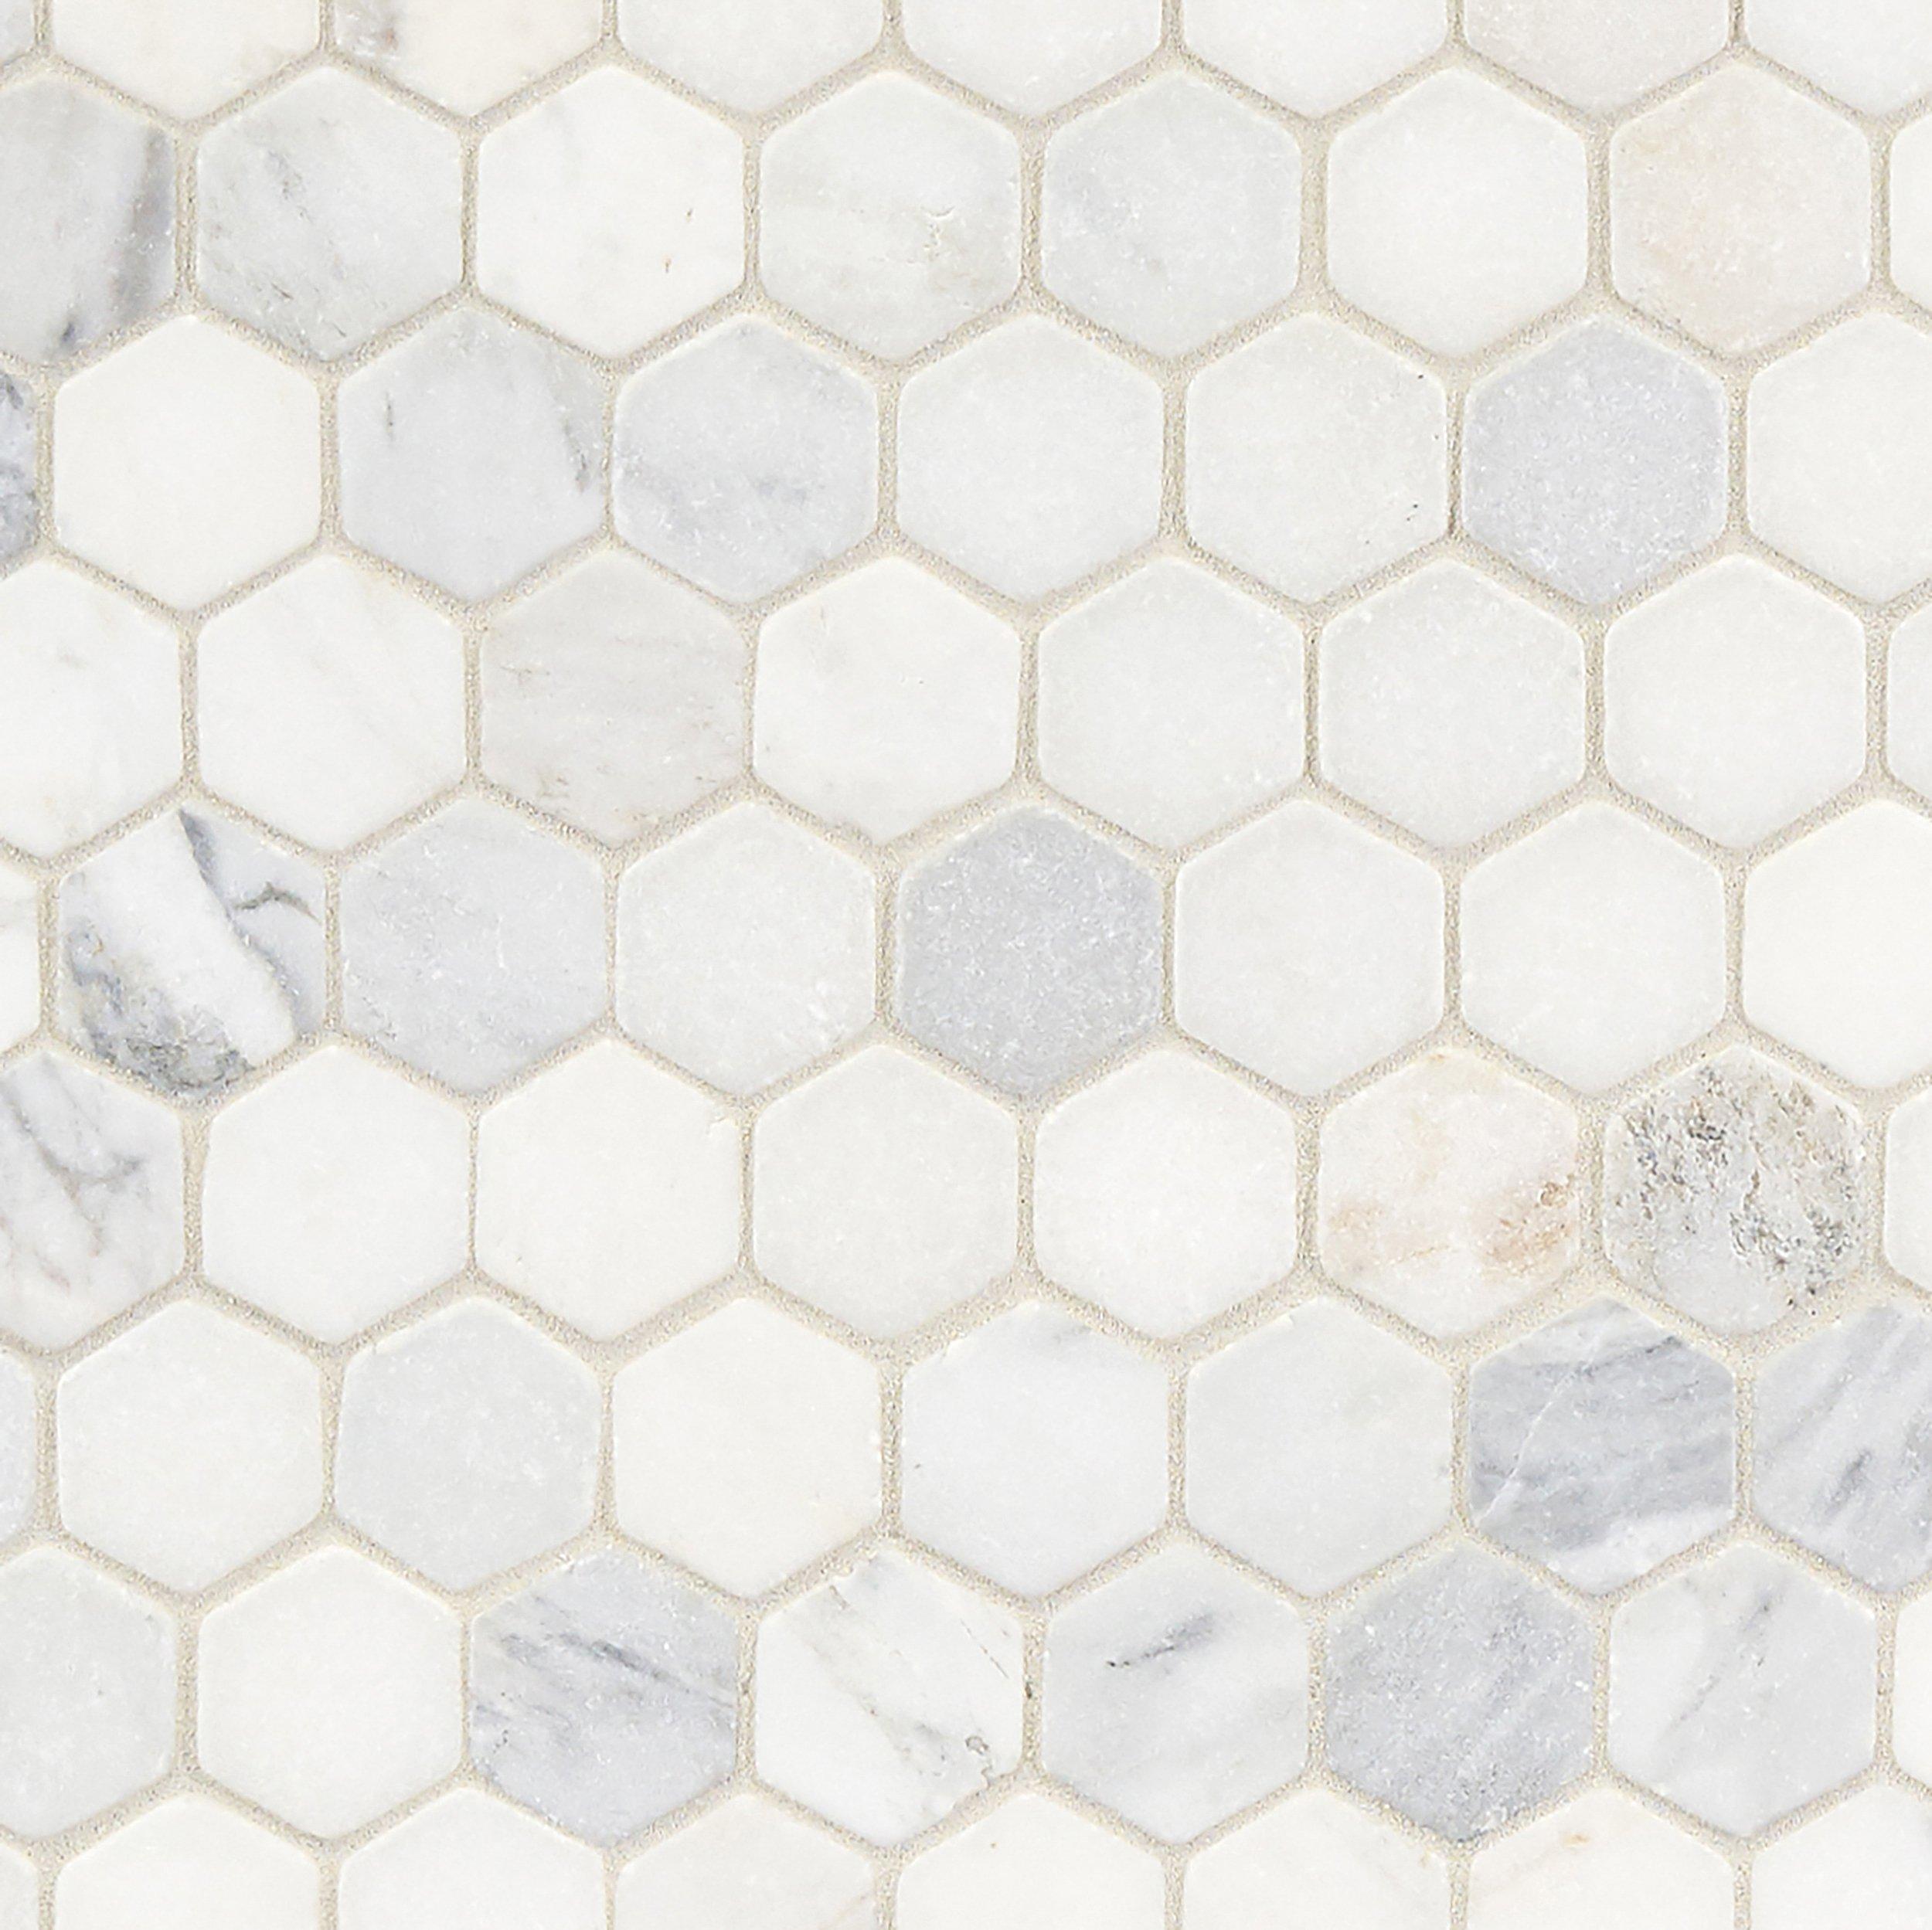 White Hexagon Tumbled Marble Mosaic Marble Mosaic Bathroom